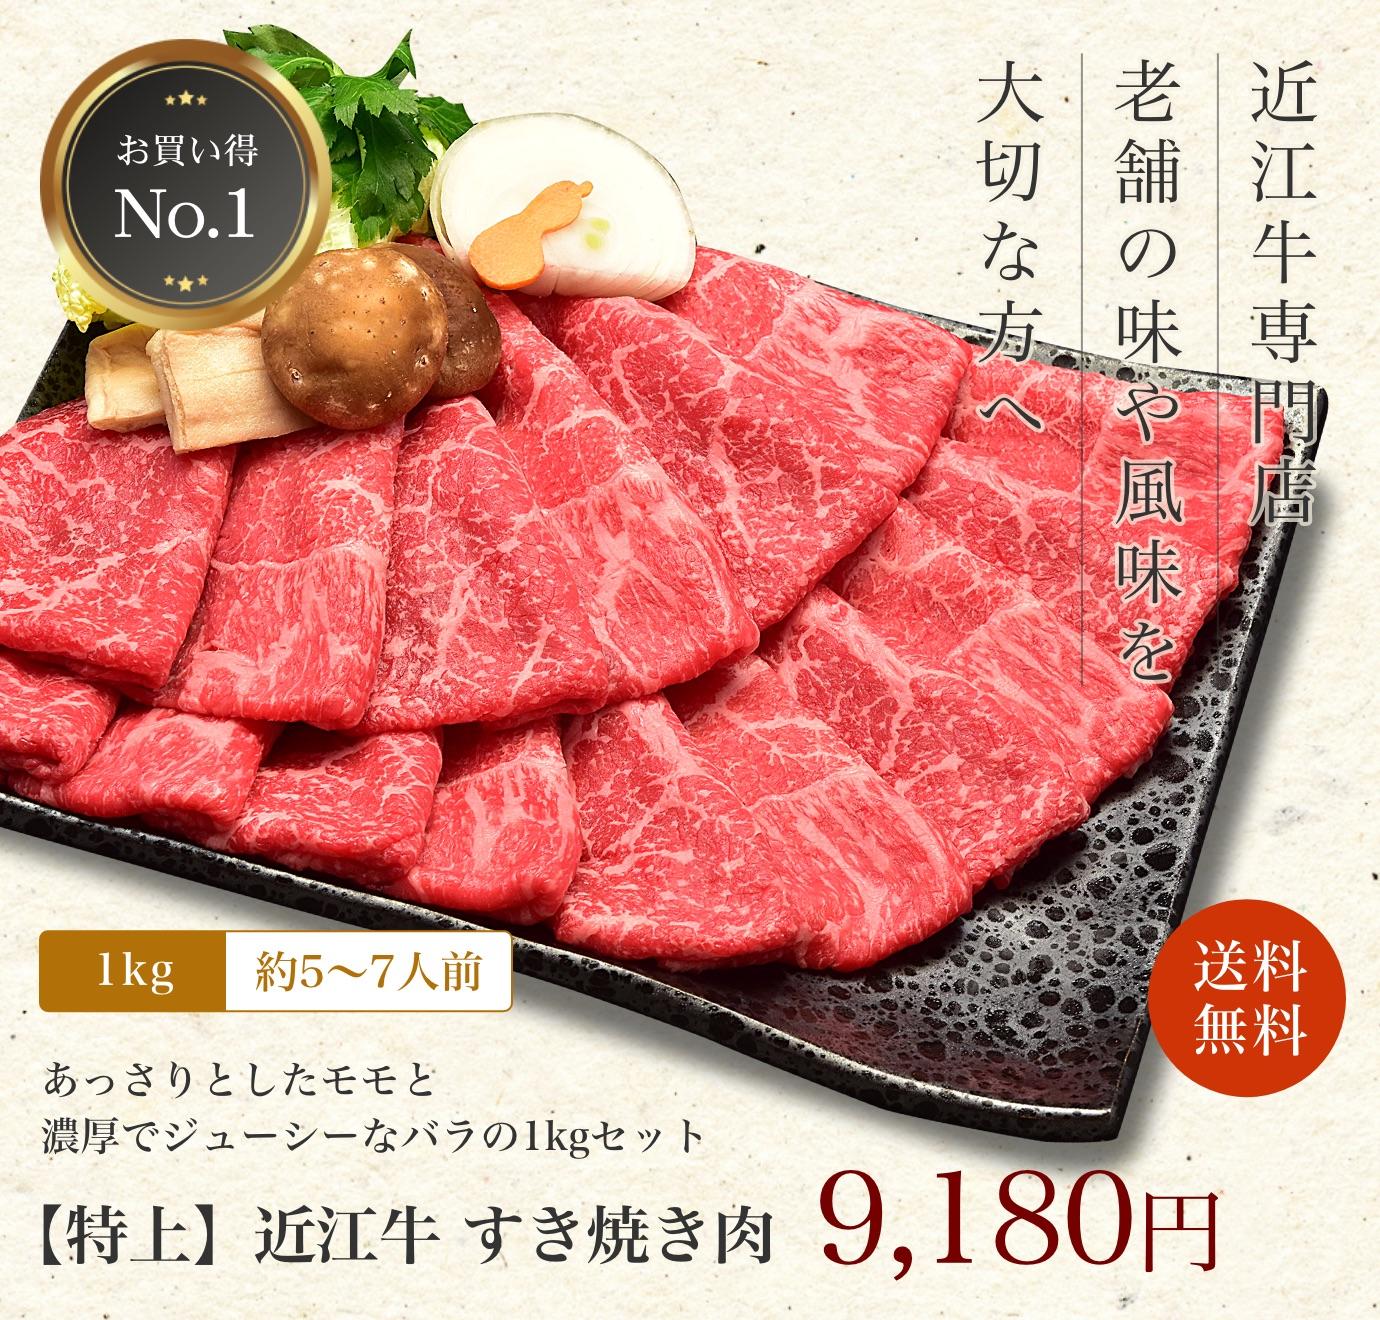 【特上】近江牛 すき焼き肉 1kg (約5〜7人前)